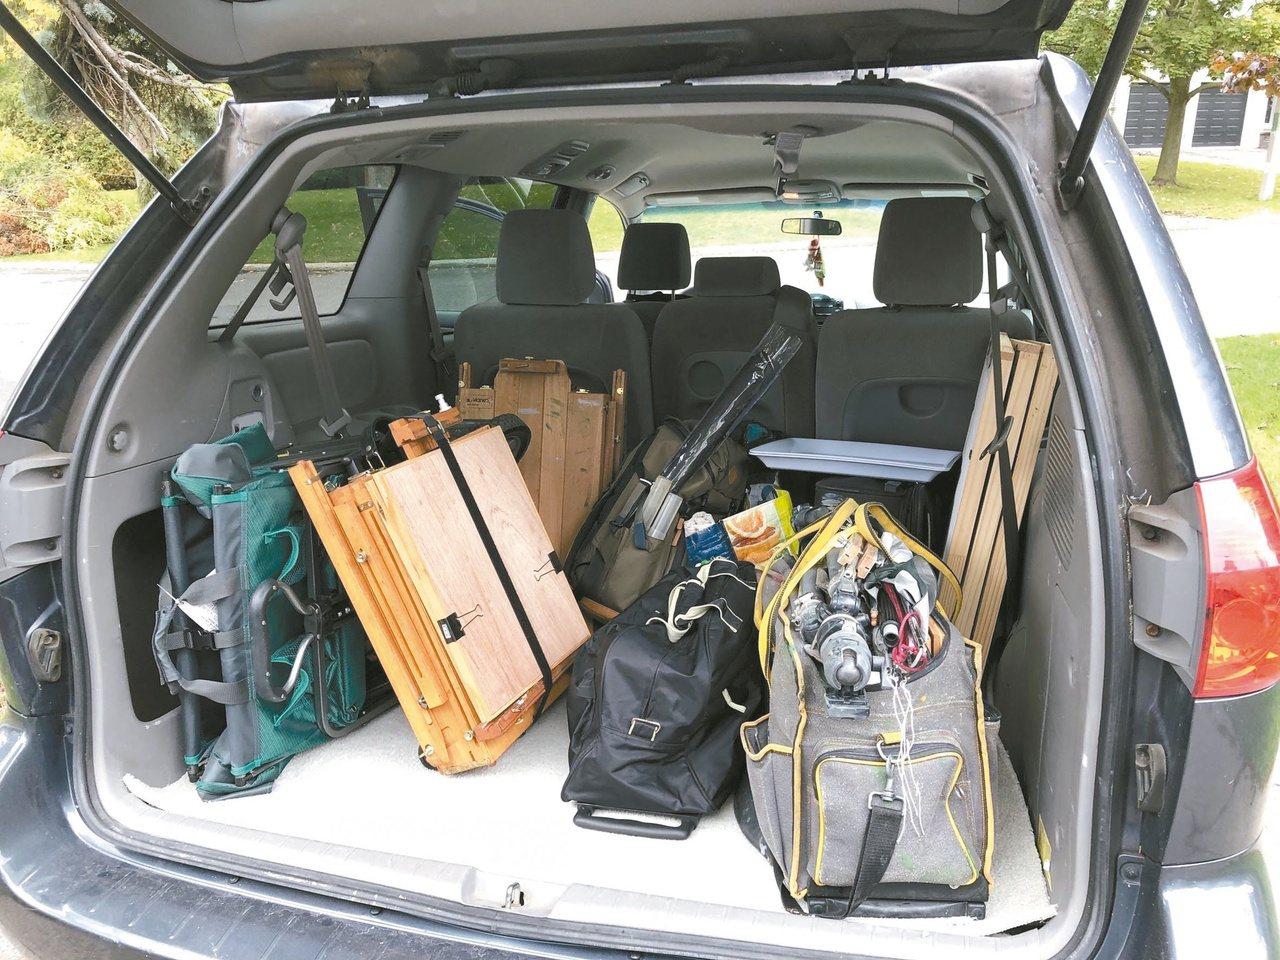 租來的車子擺滿了畫具,每天寫生畫畫,樂此不疲。圖/江育誠提供